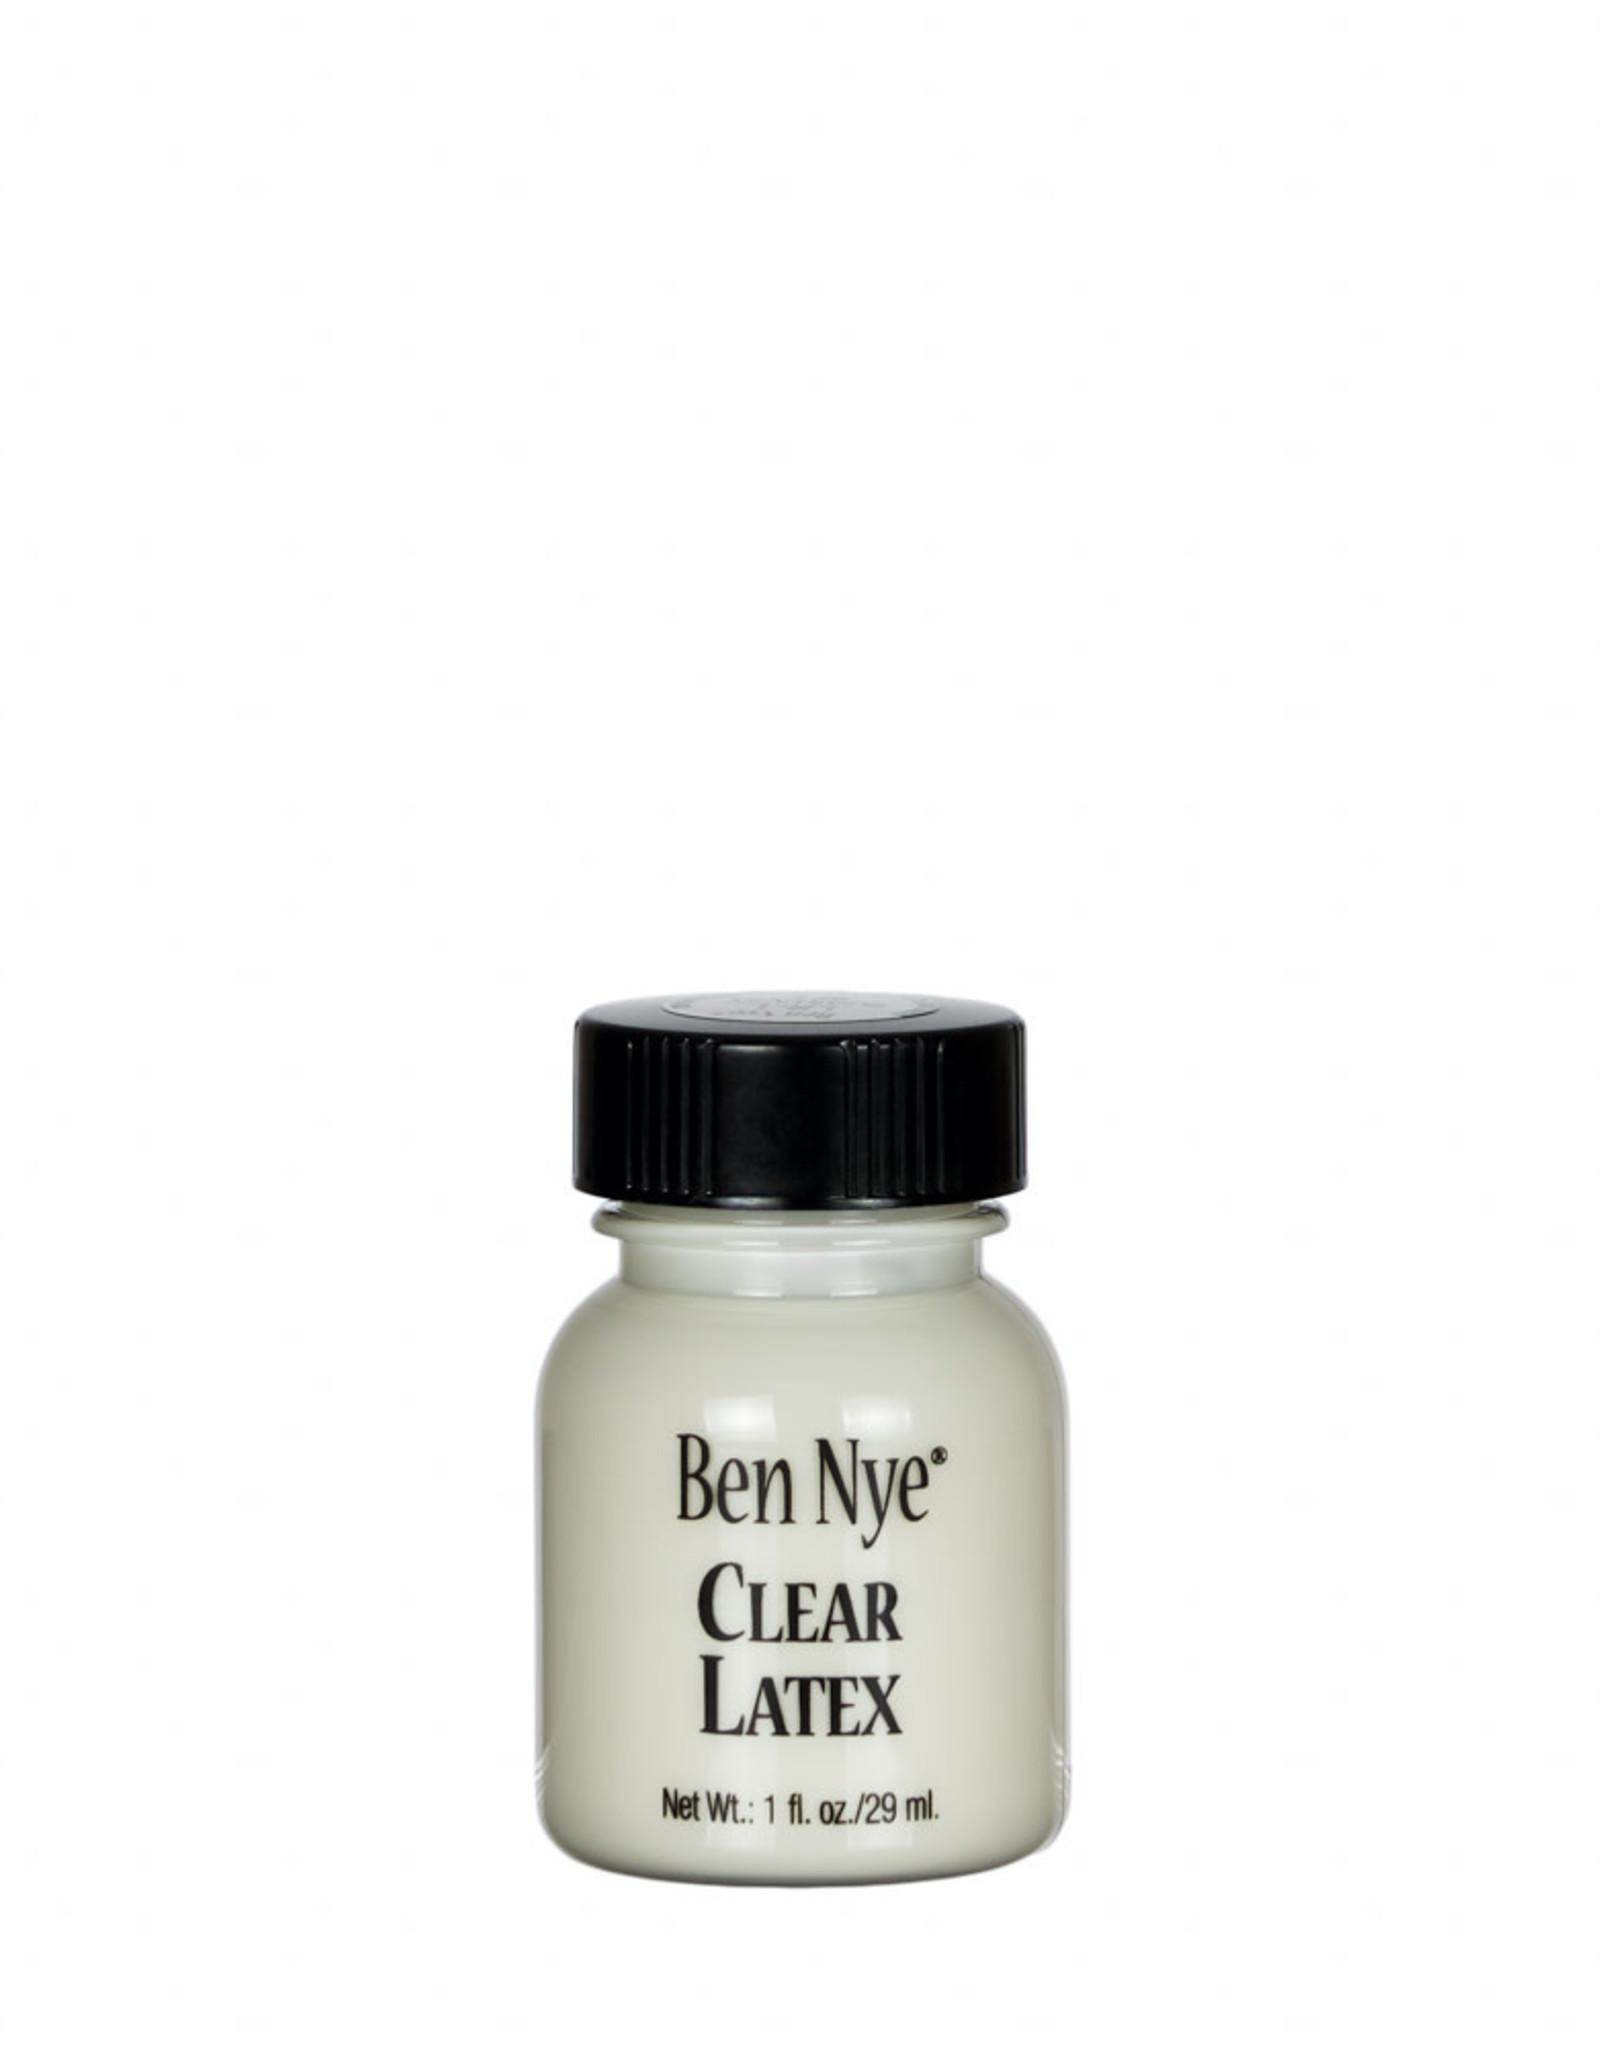 Ben Nye FX CLEAR LATEX, 1 FL OZ